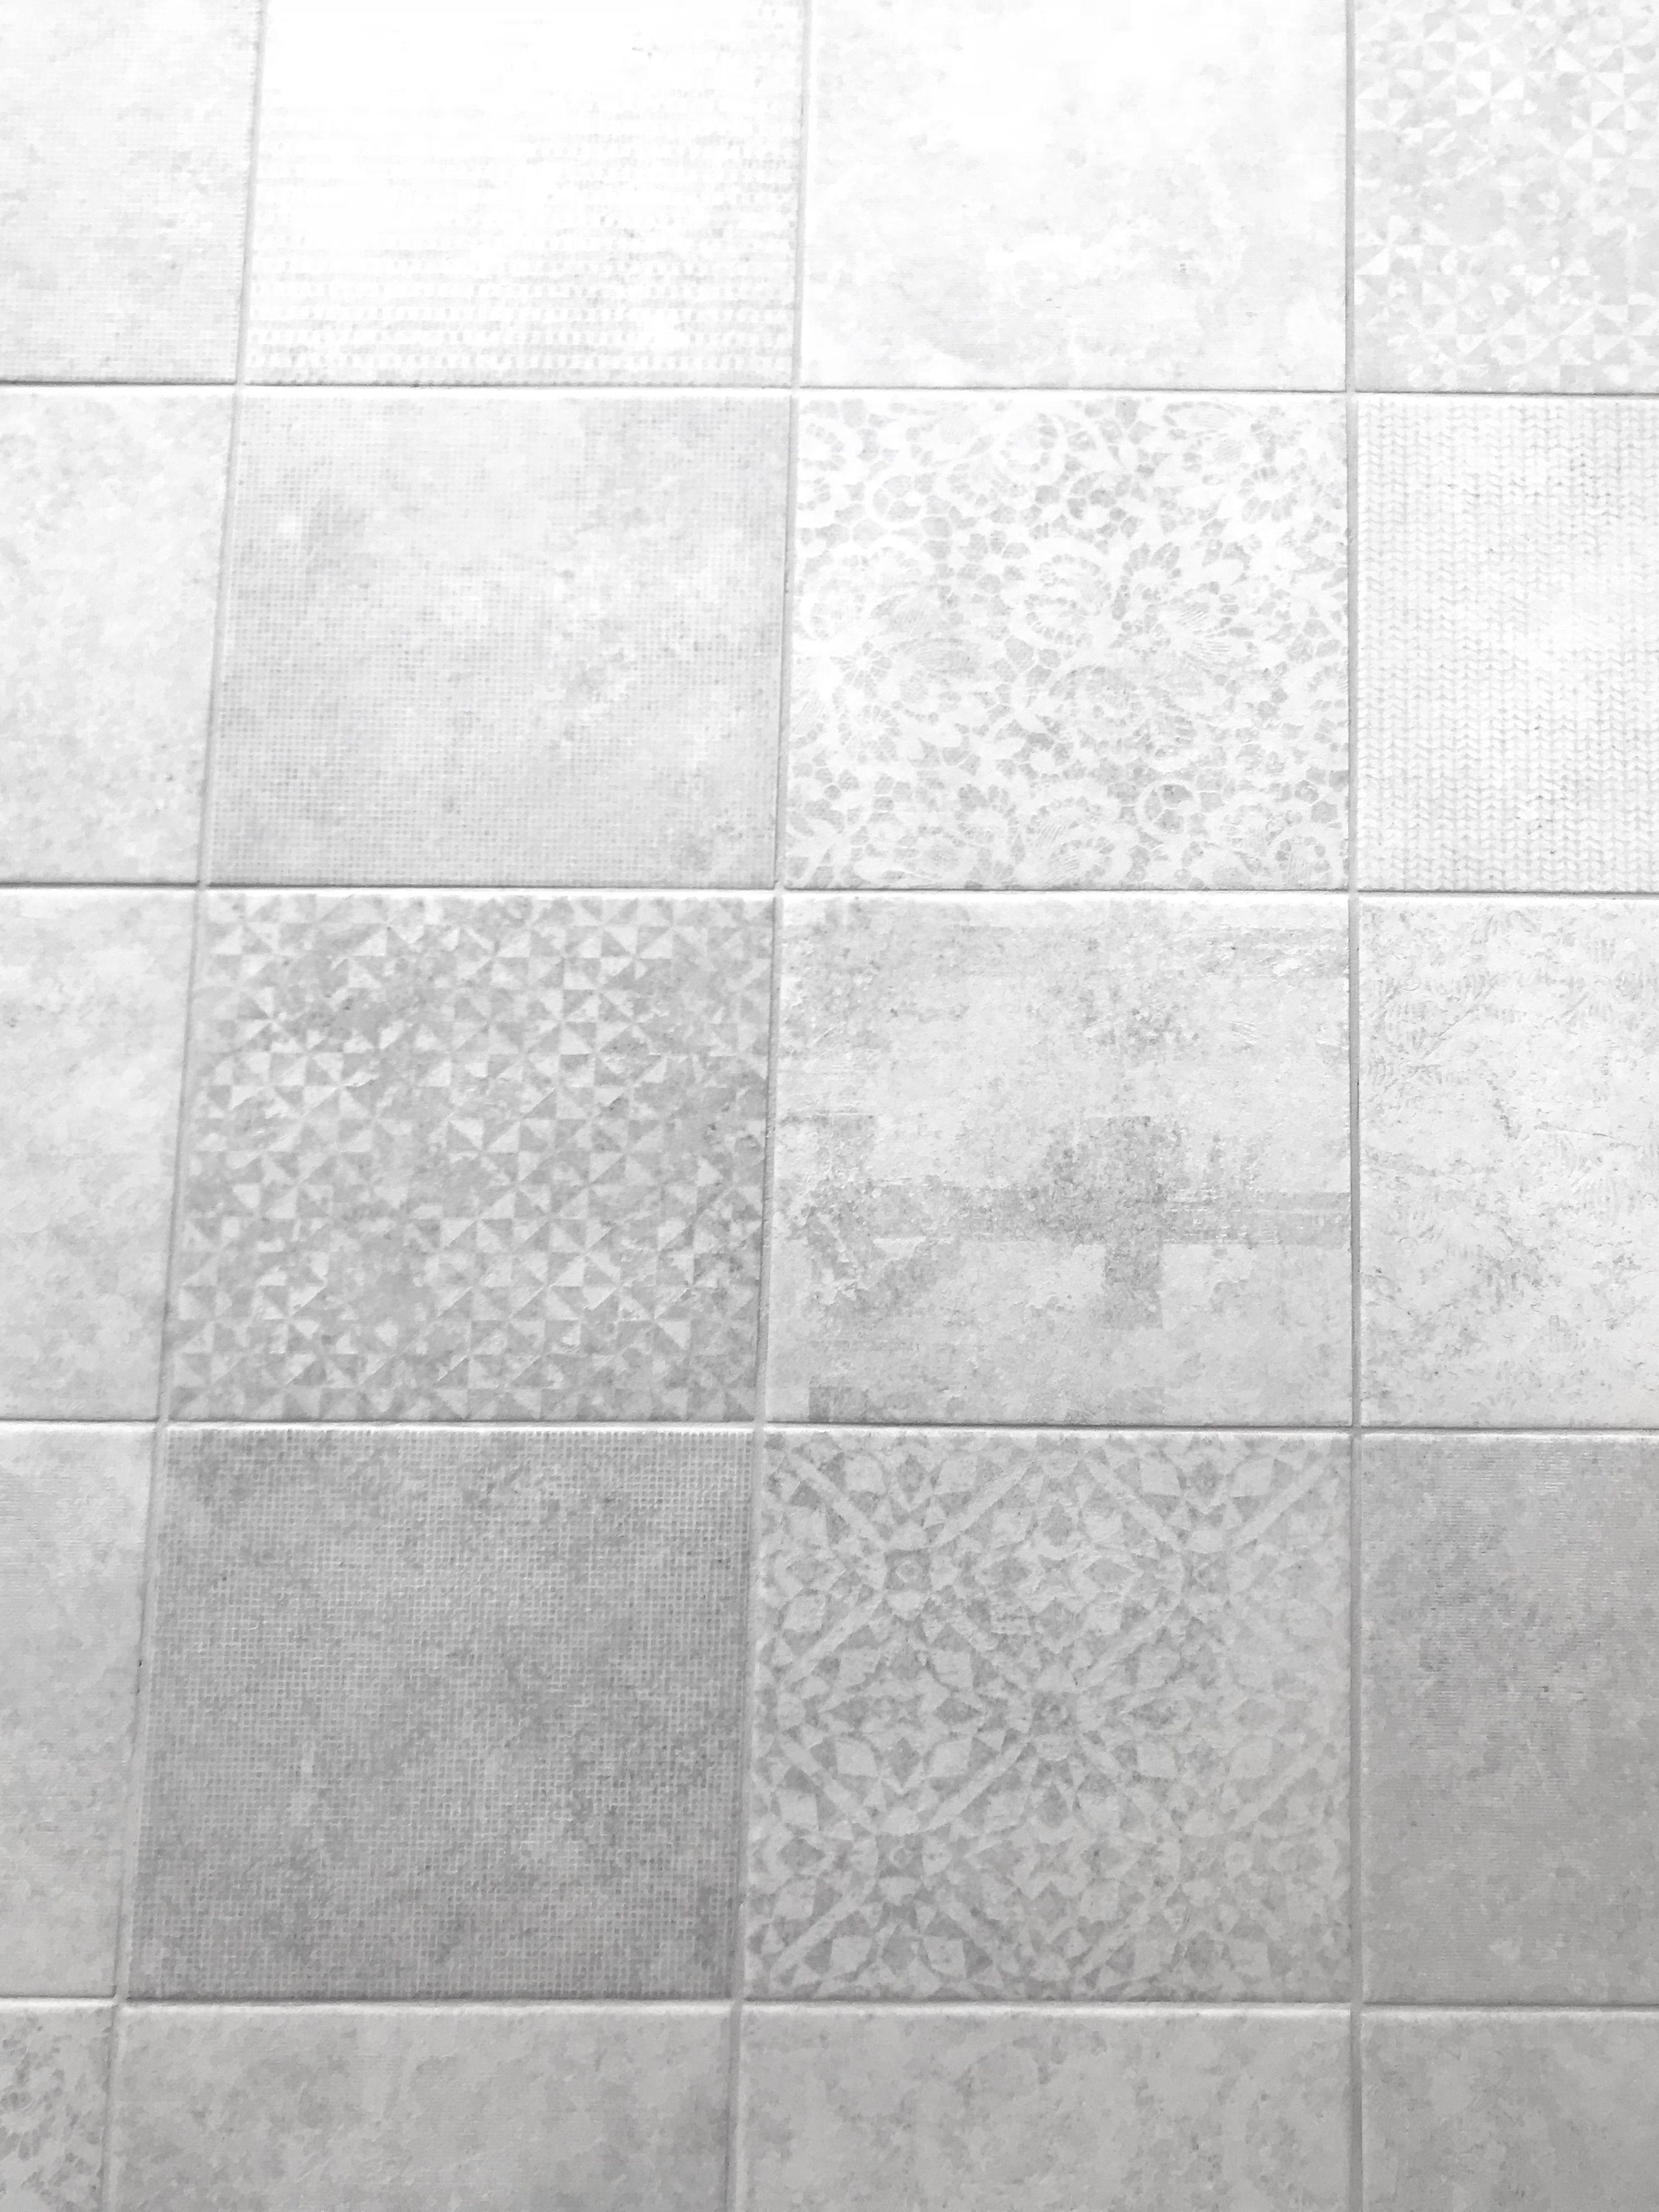 Cuadrado Elegance 23 5 X 23 5cm Bouquetceramic Porcelaintiles Tiles Porcelain Incision Interiordesign Interior Whitetiles